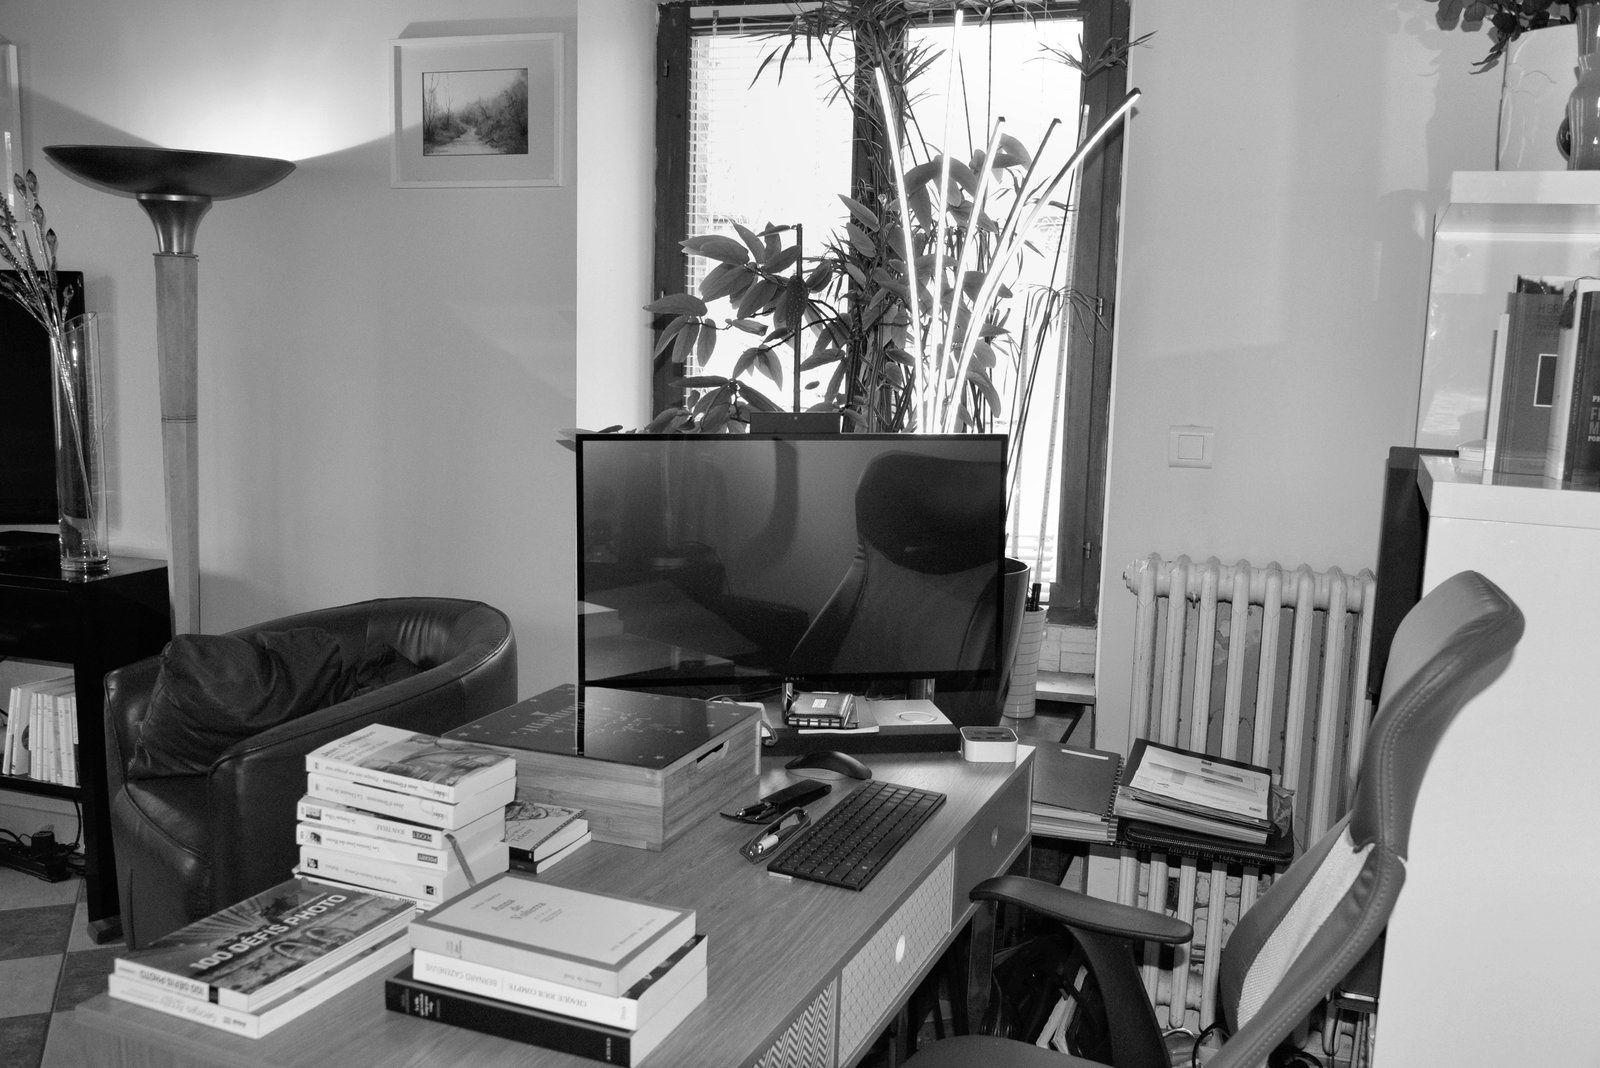 Mes photos en Noir et Blanc, pour un chalenge sur 7 jours, oui mais quoi pour qui?